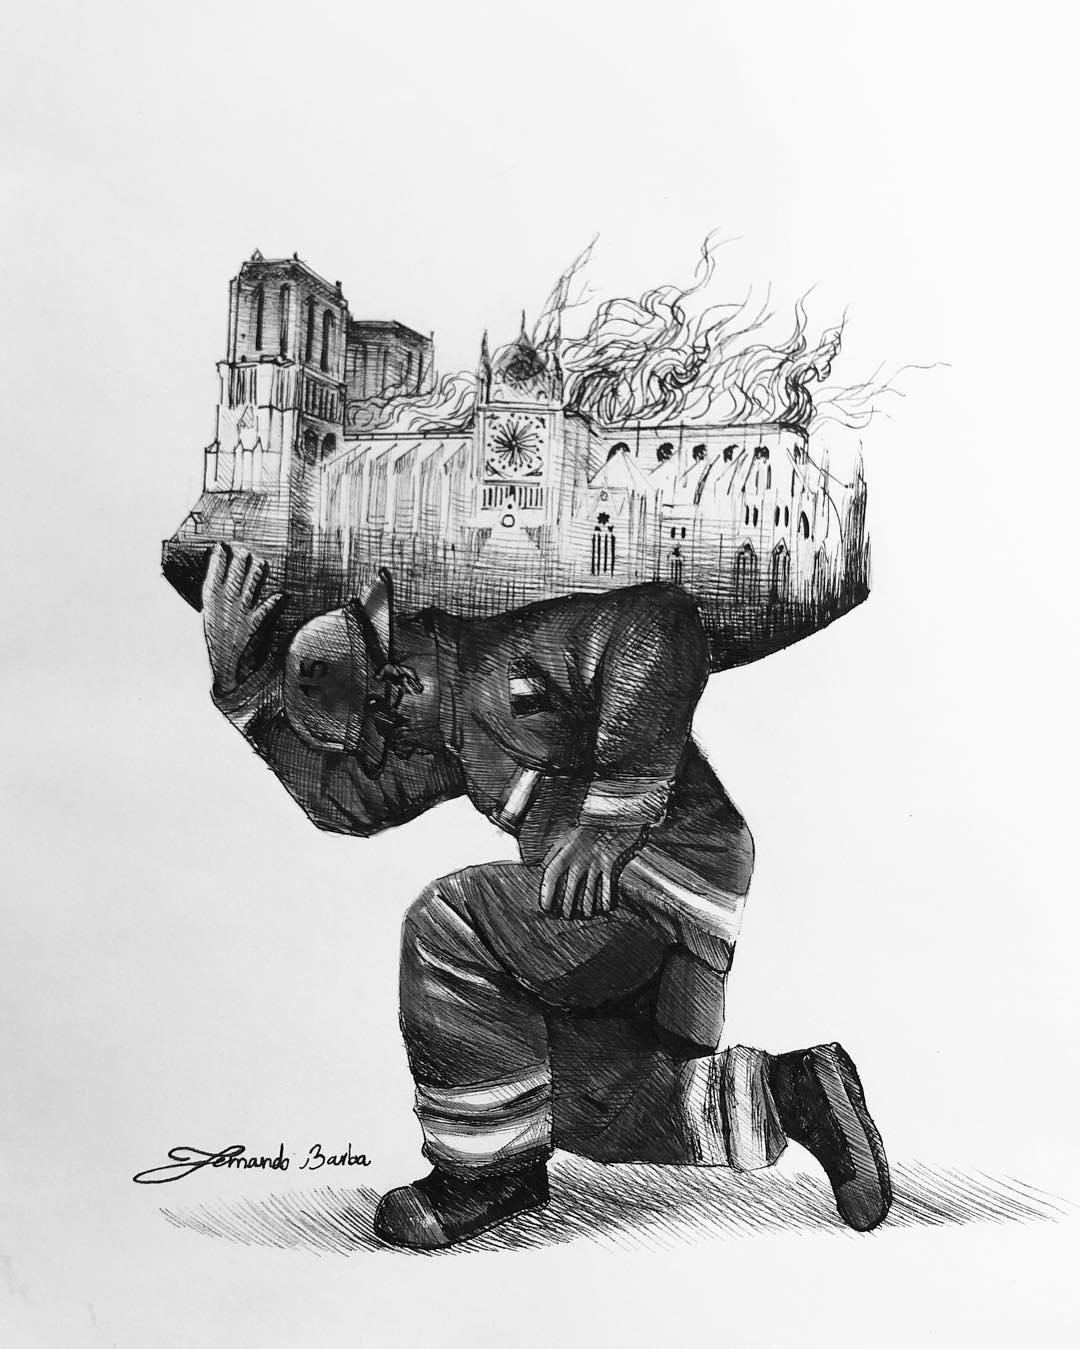 Hommage à Notre Dame de Paris Notre-dame-illustrations-hommage-incendie-10